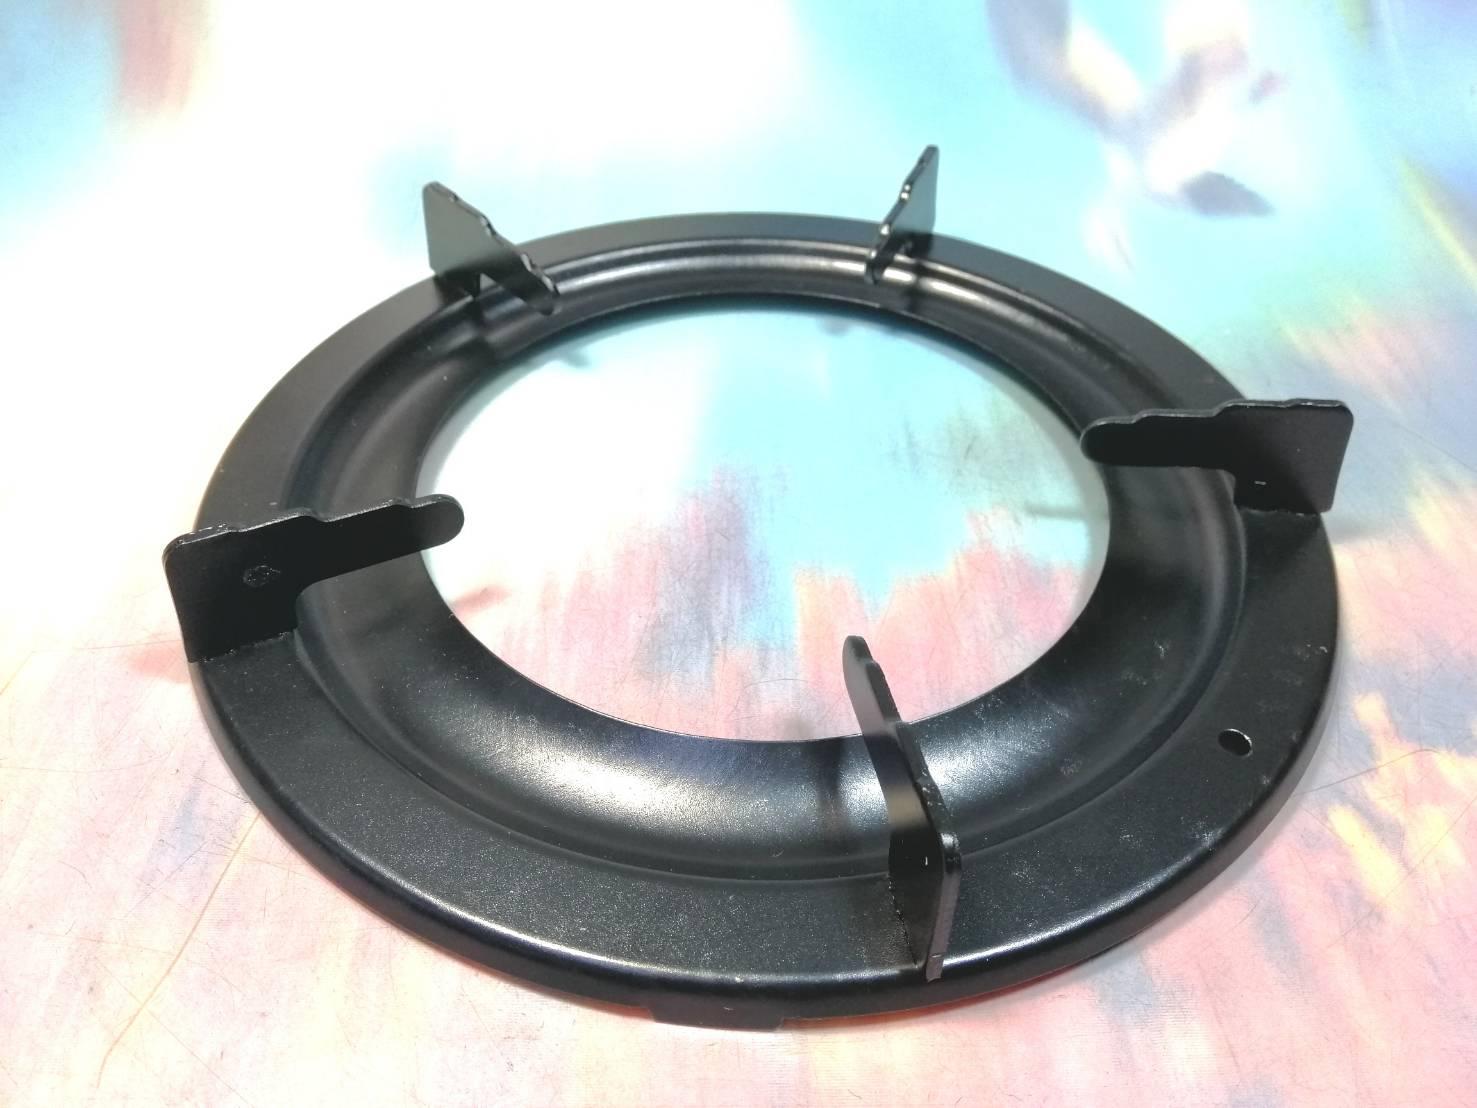 台灣製造 圓形烤漆高級爐架2入(鍋用+鼎用) KA058-07【88380126】瓦斯爐架 圓型爐架《八八八e網購